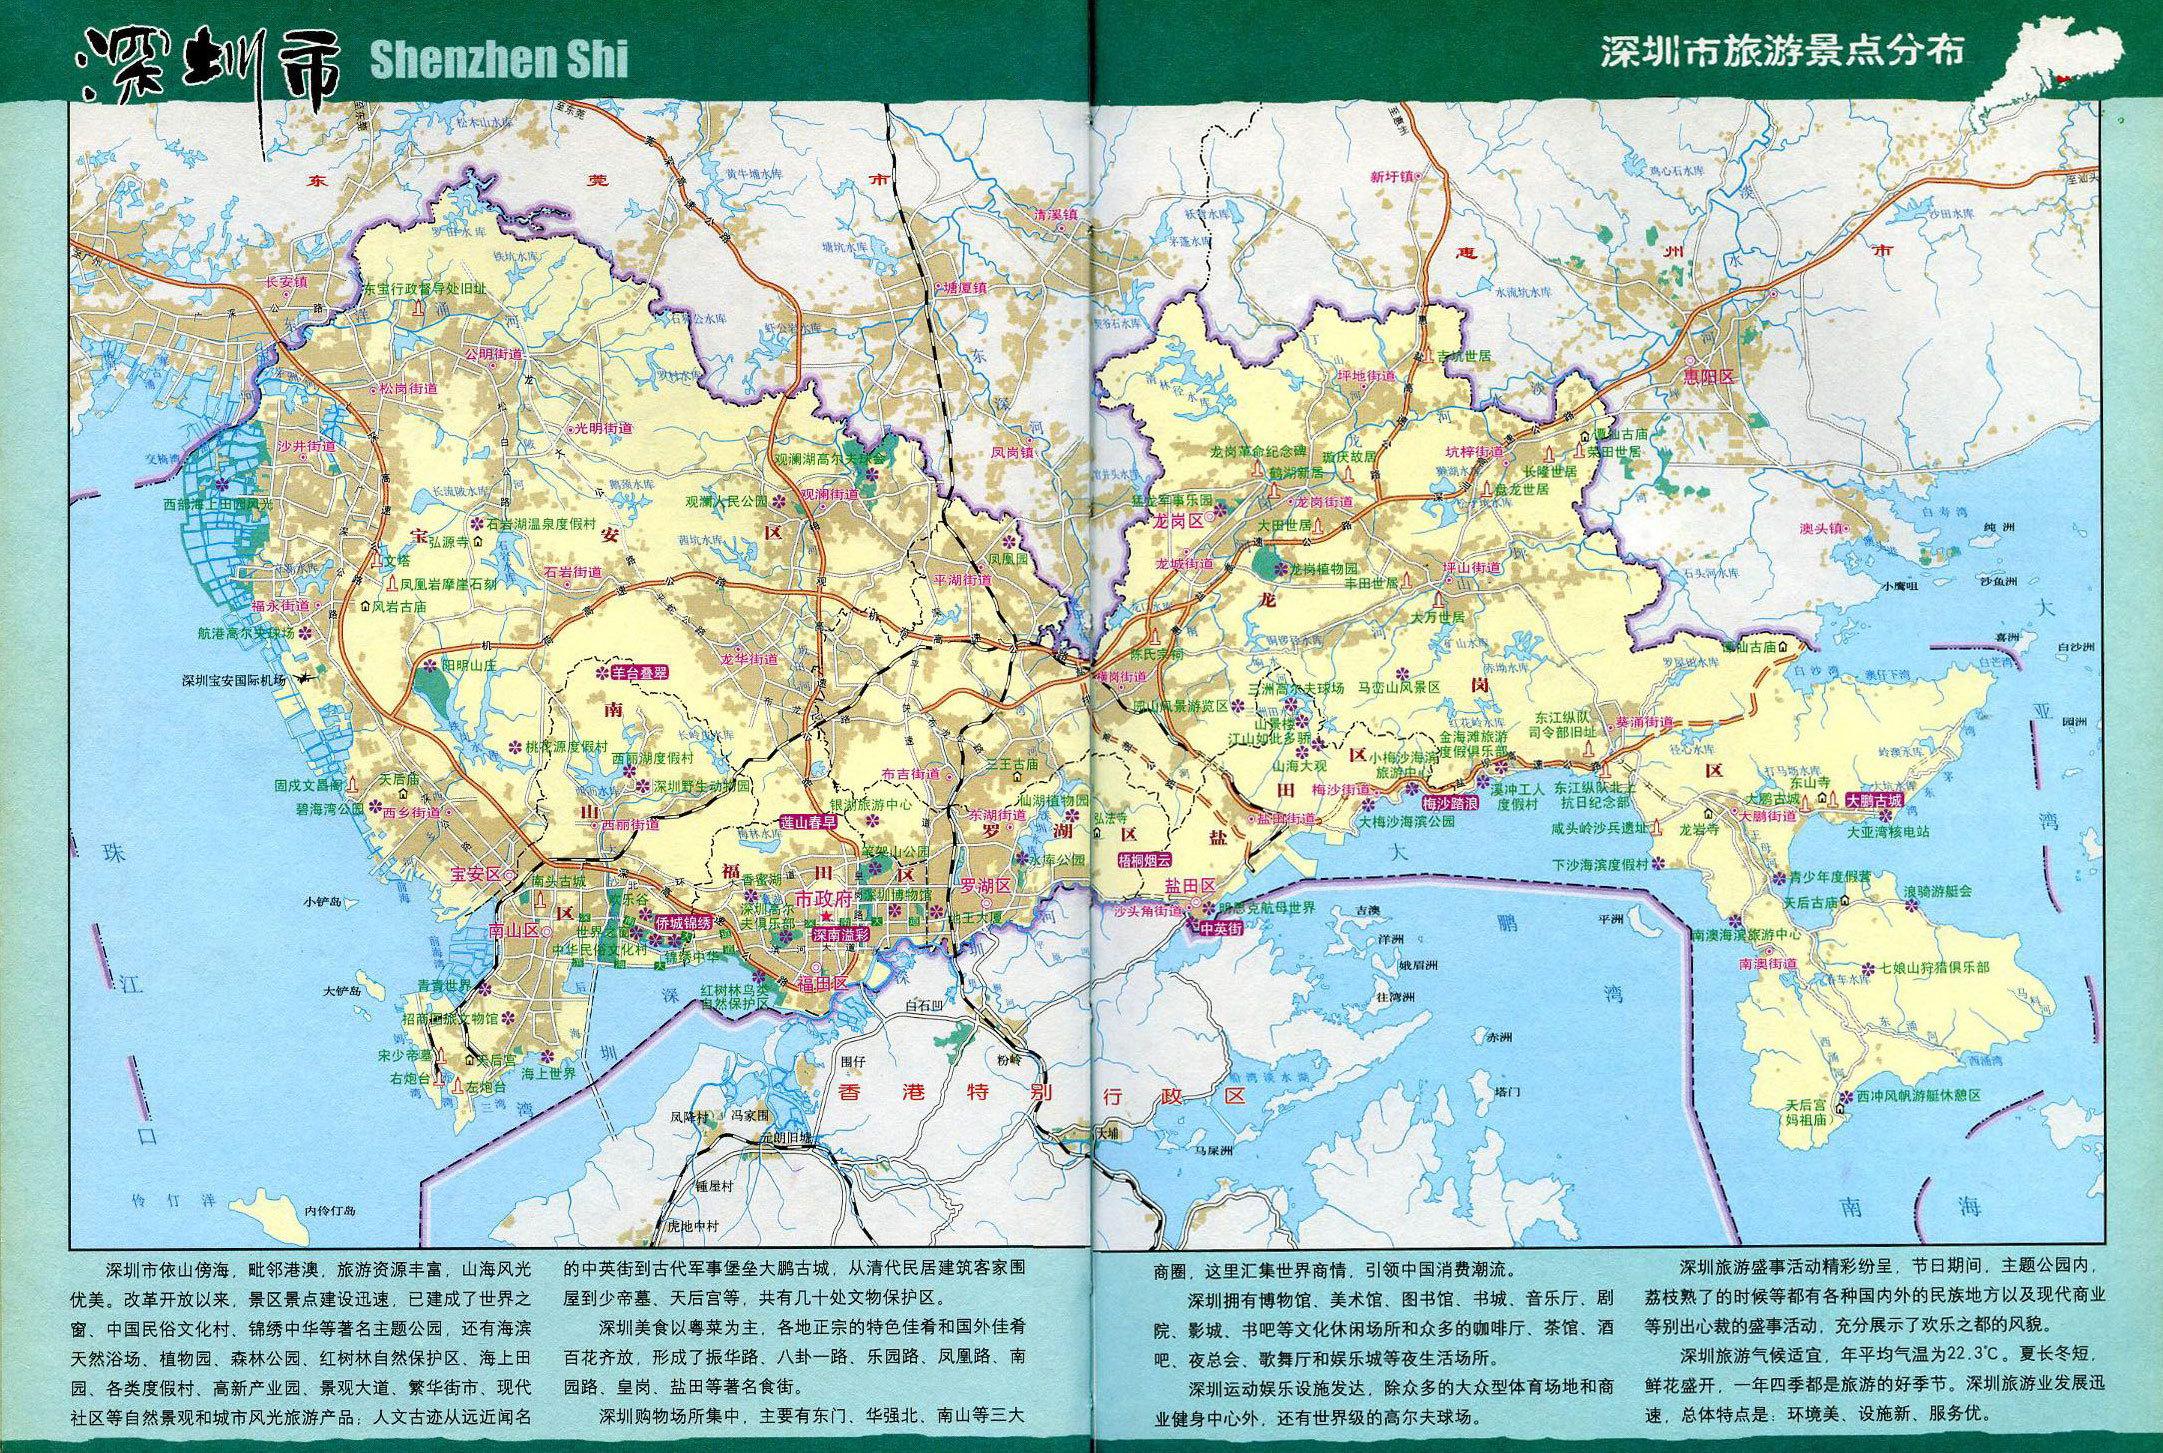 深圳城市地图_深圳地图_360百科